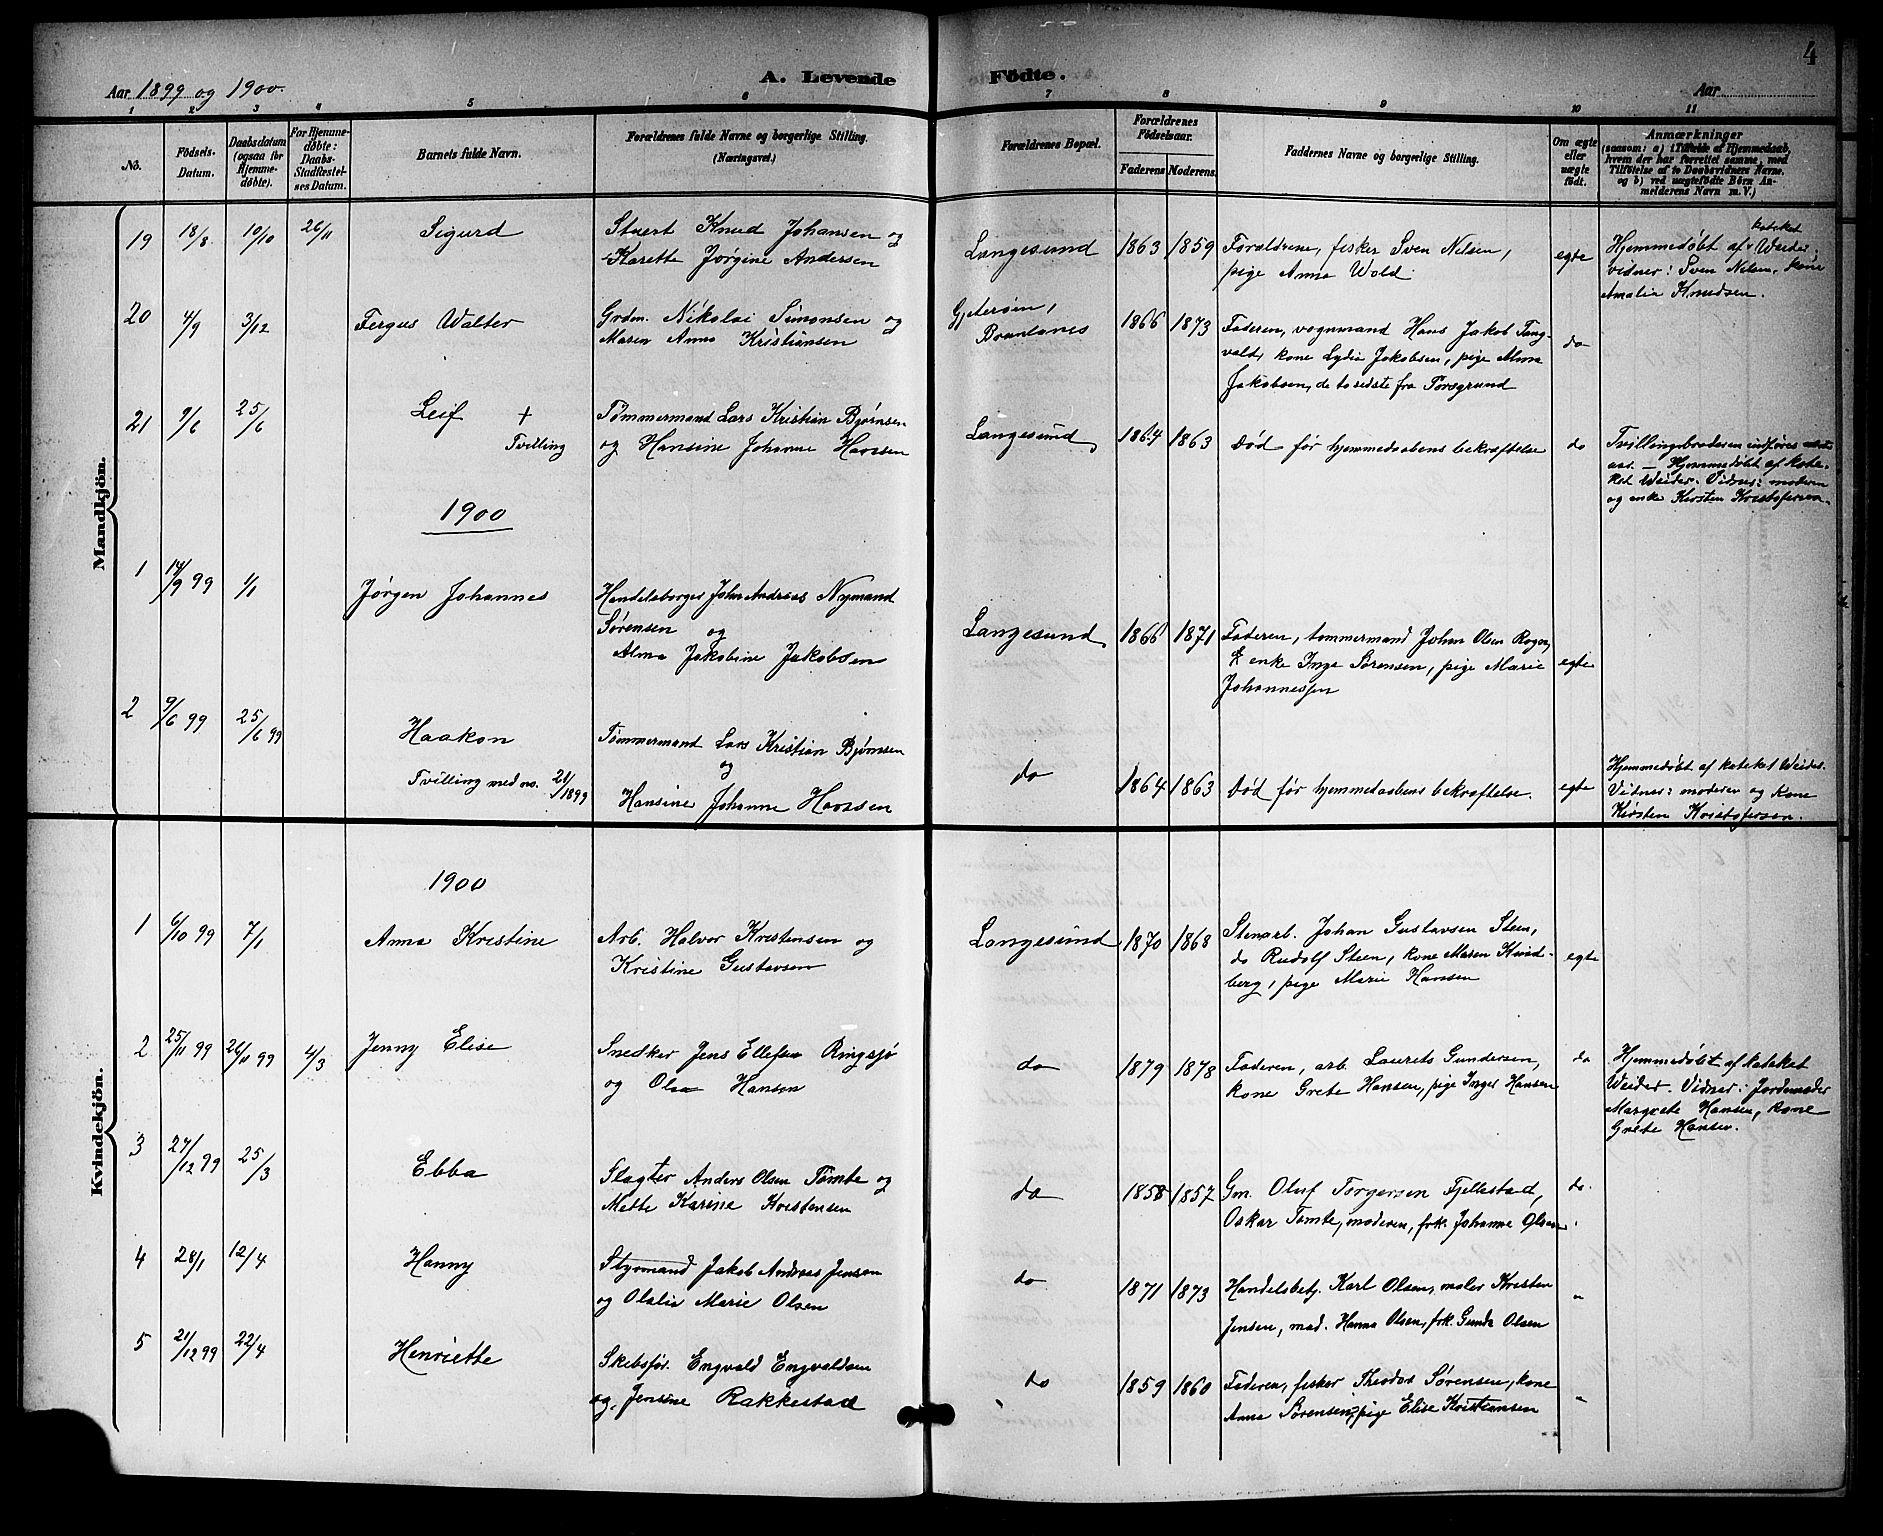 SAKO, Langesund kirkebøker, G/Ga/L0006: Klokkerbok nr. 6, 1899-1918, s. 4